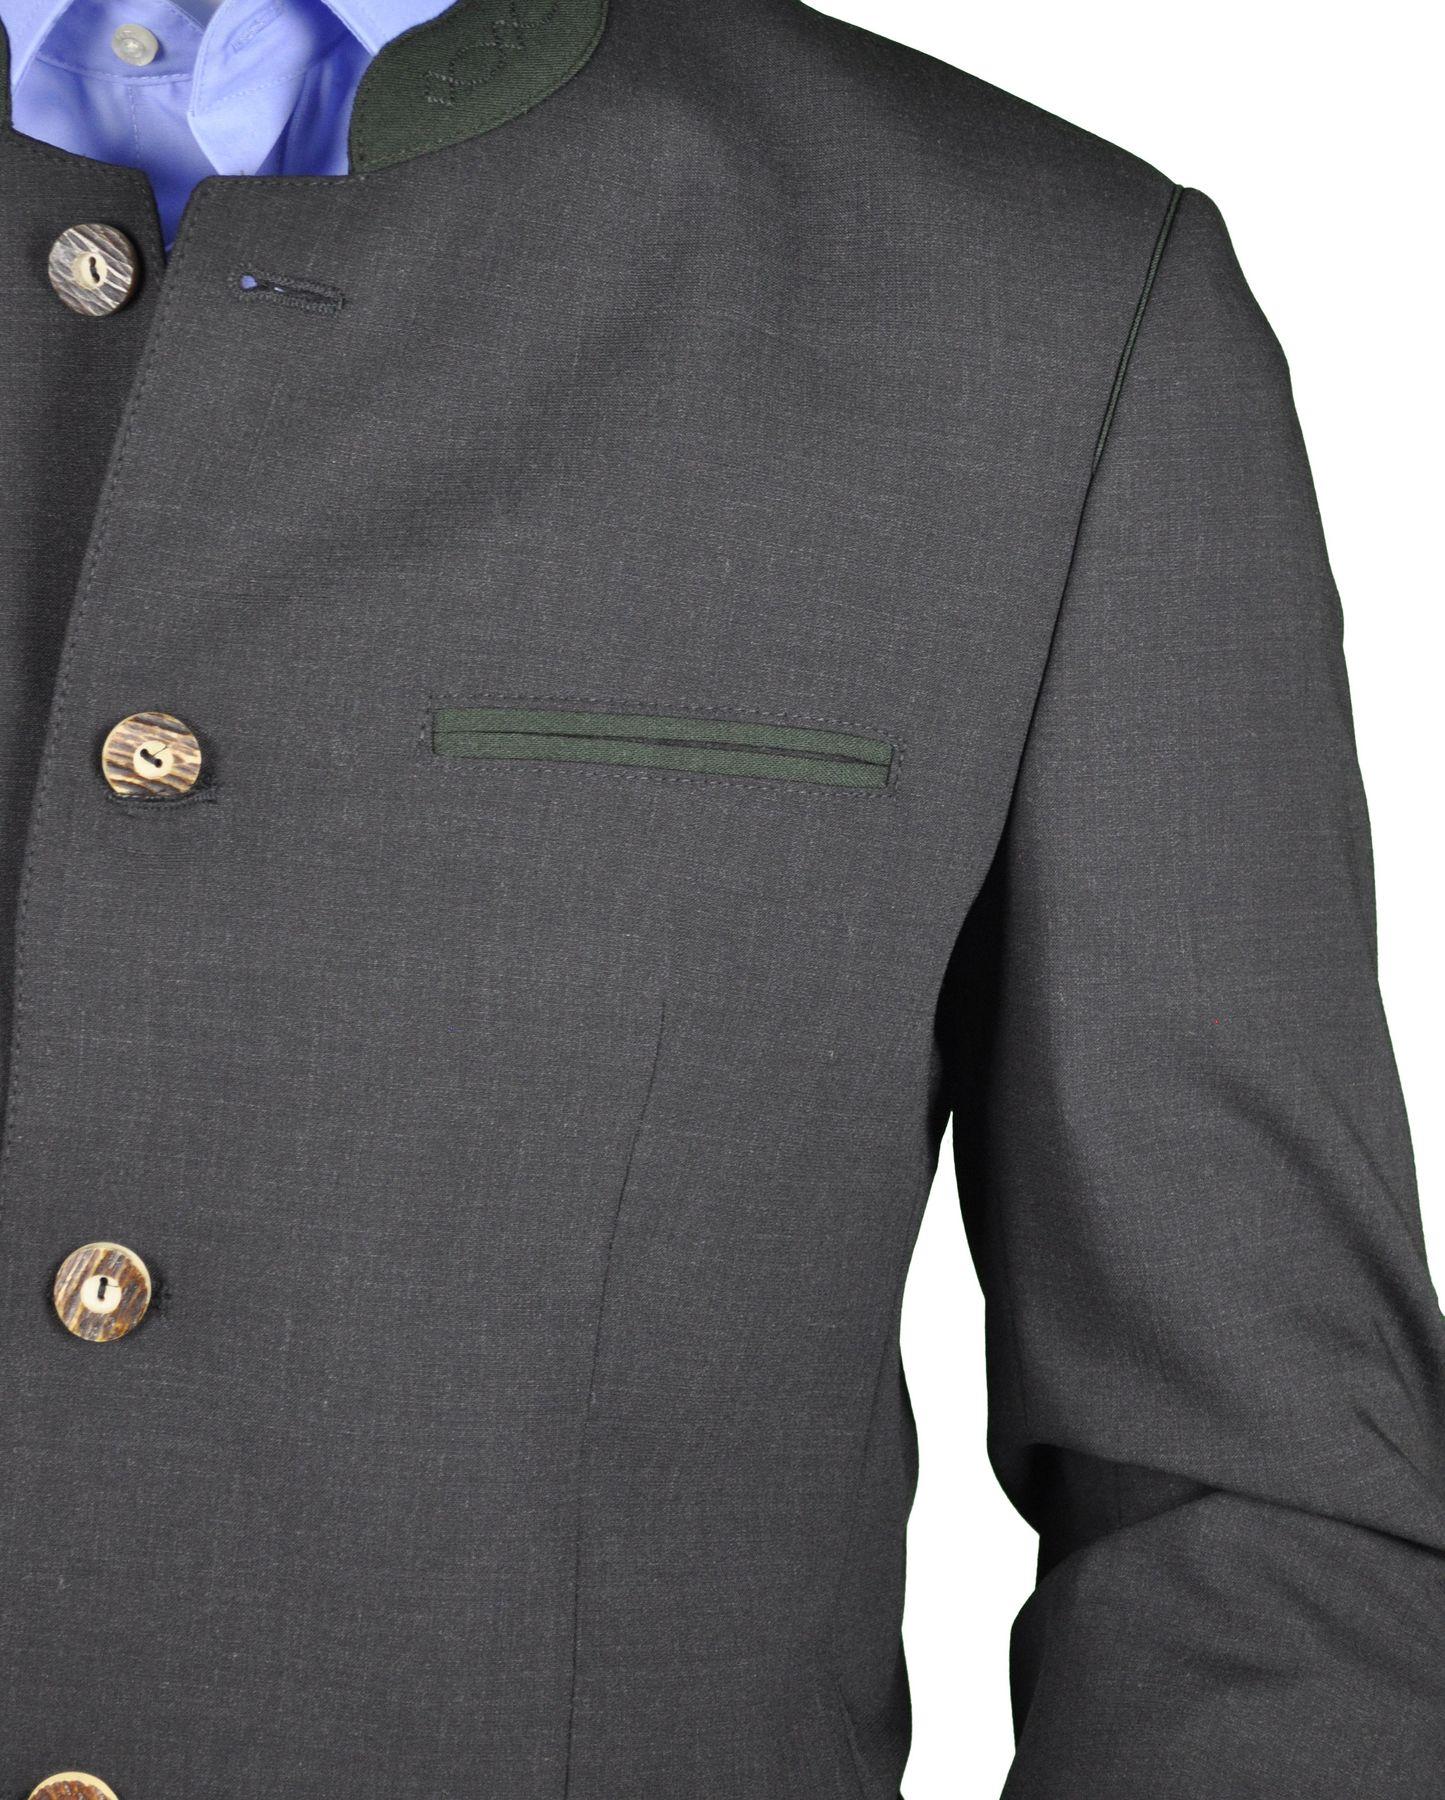 Herren Trachten Anzug aus Schurwolle, Marke Weis in der Farbe Anthrazit, Rottach/Egern (7026/7367-4/42/01) – Bild 3